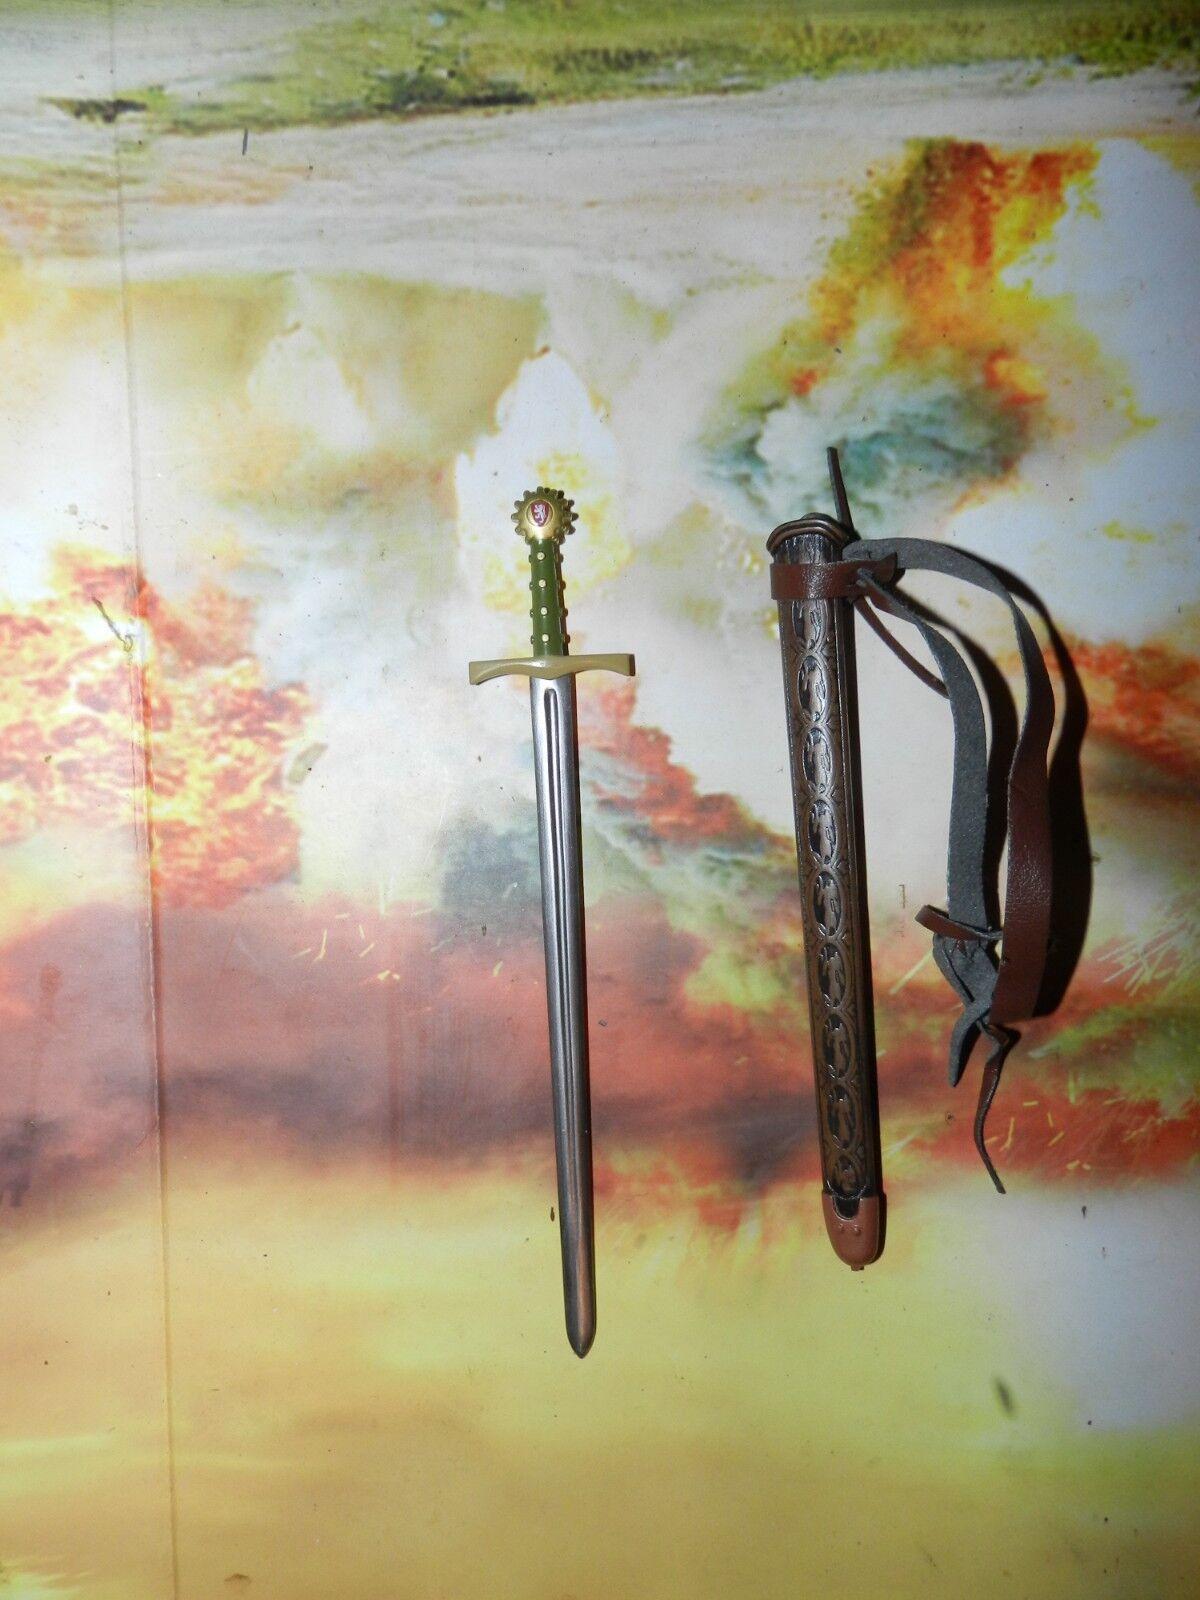 1 6th SCALE, IGNITE MEDIEVAL SWORD METAL (WOOD)